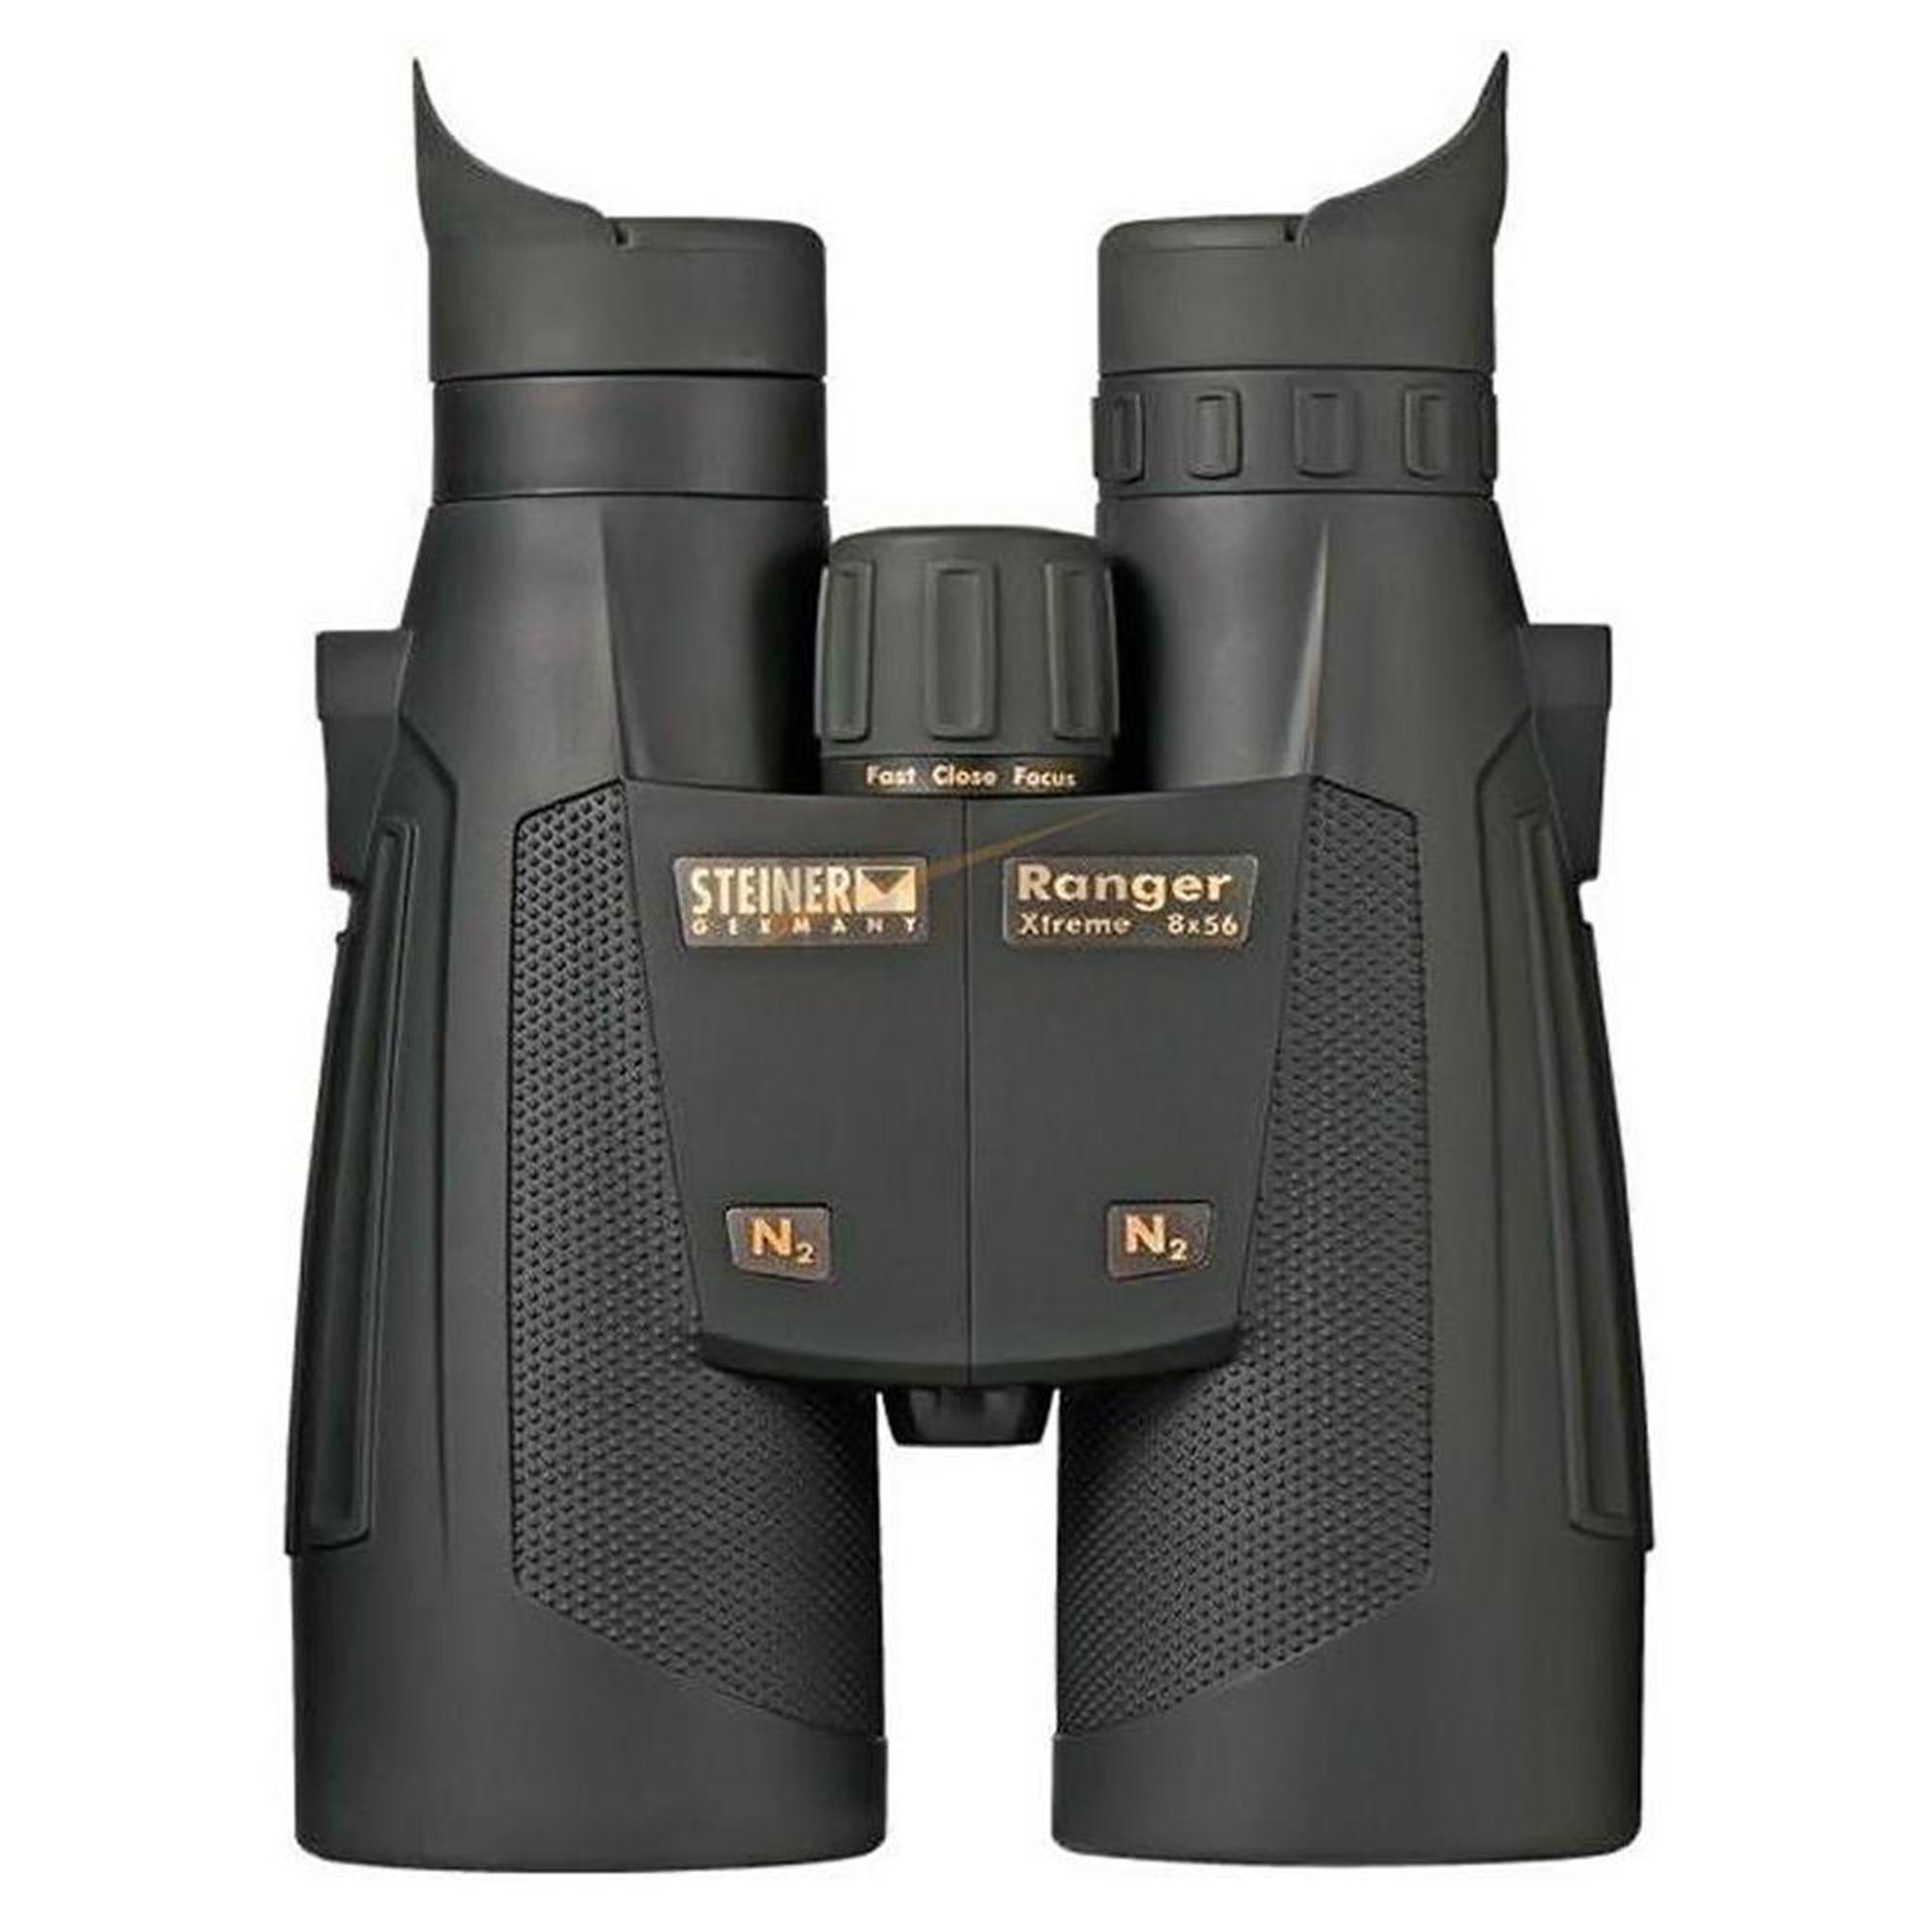 Steiner Ranger Xtreme 8x56 Binocular